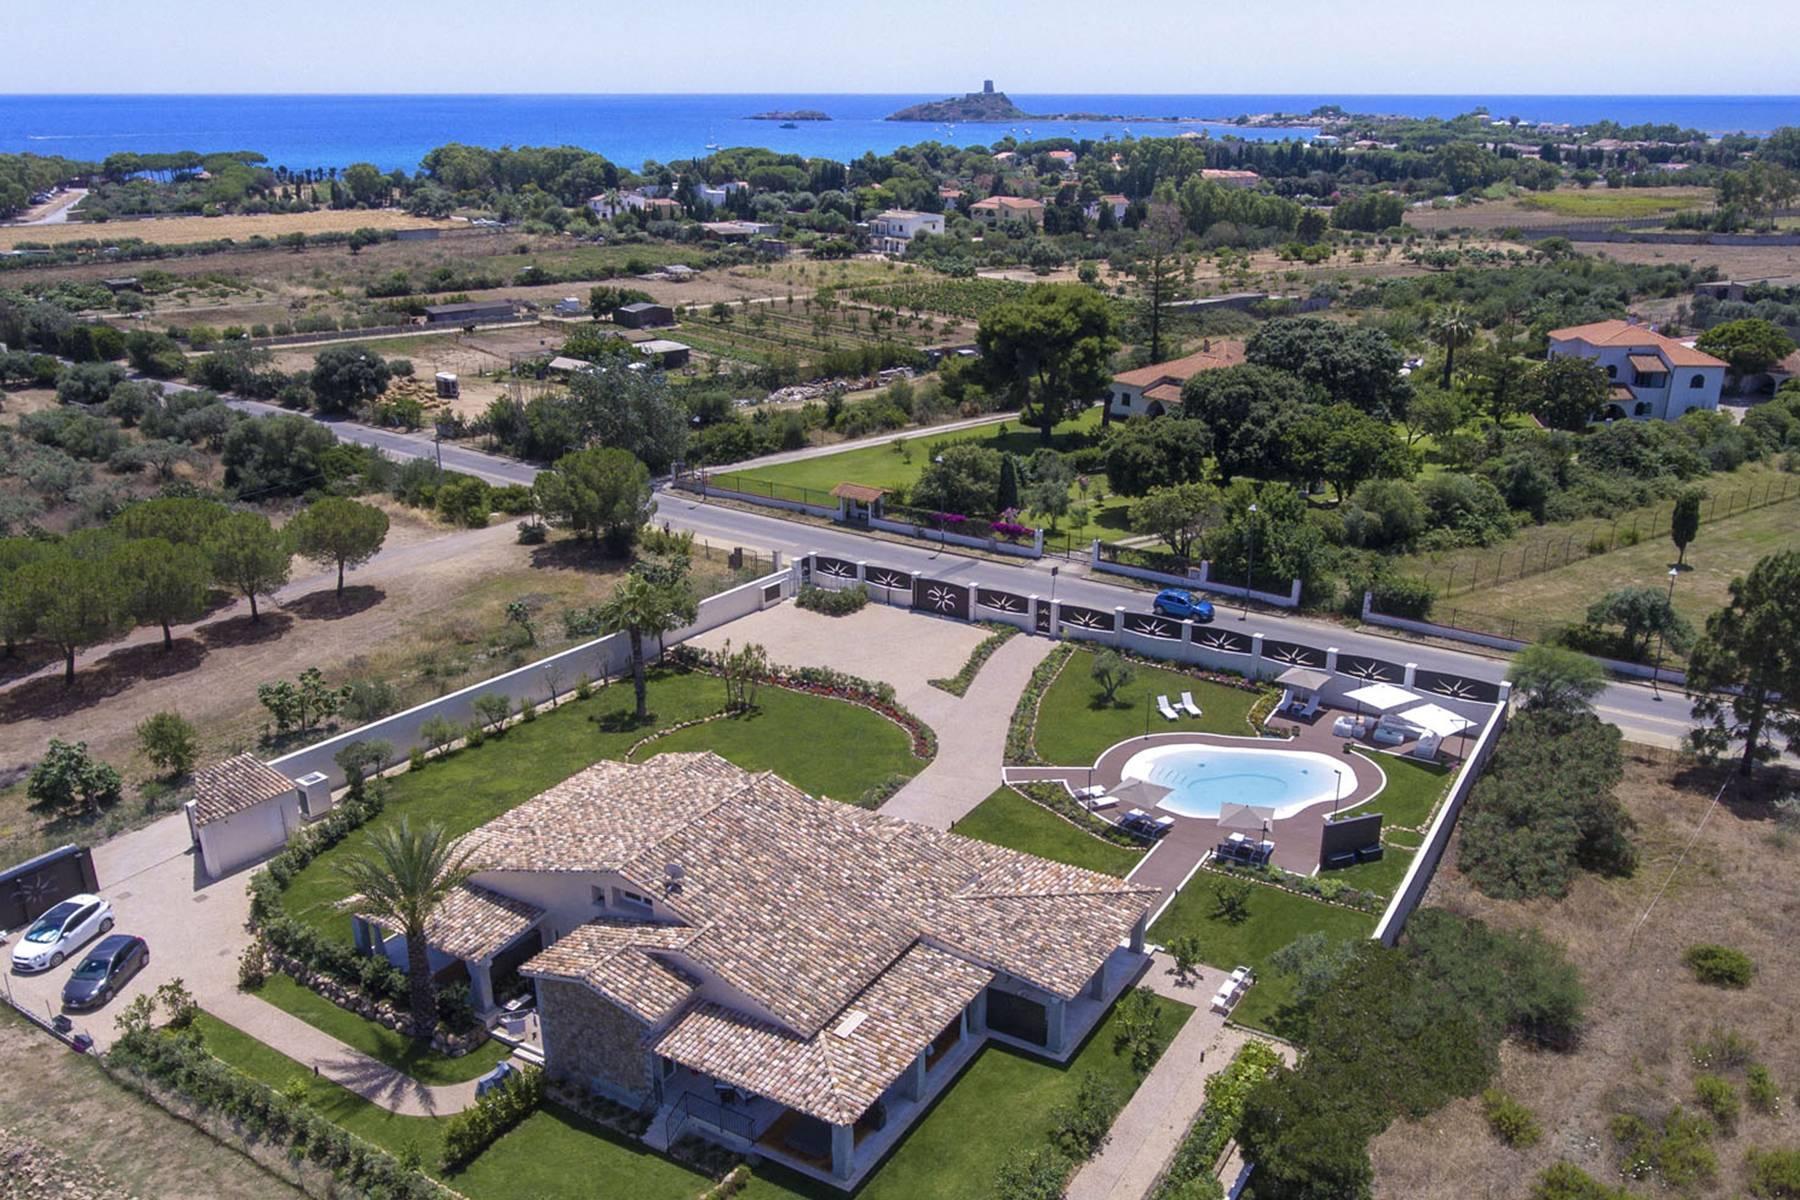 Villa indipendente vicino al mare e al suggestivo sito archeologico di Nora. - 3